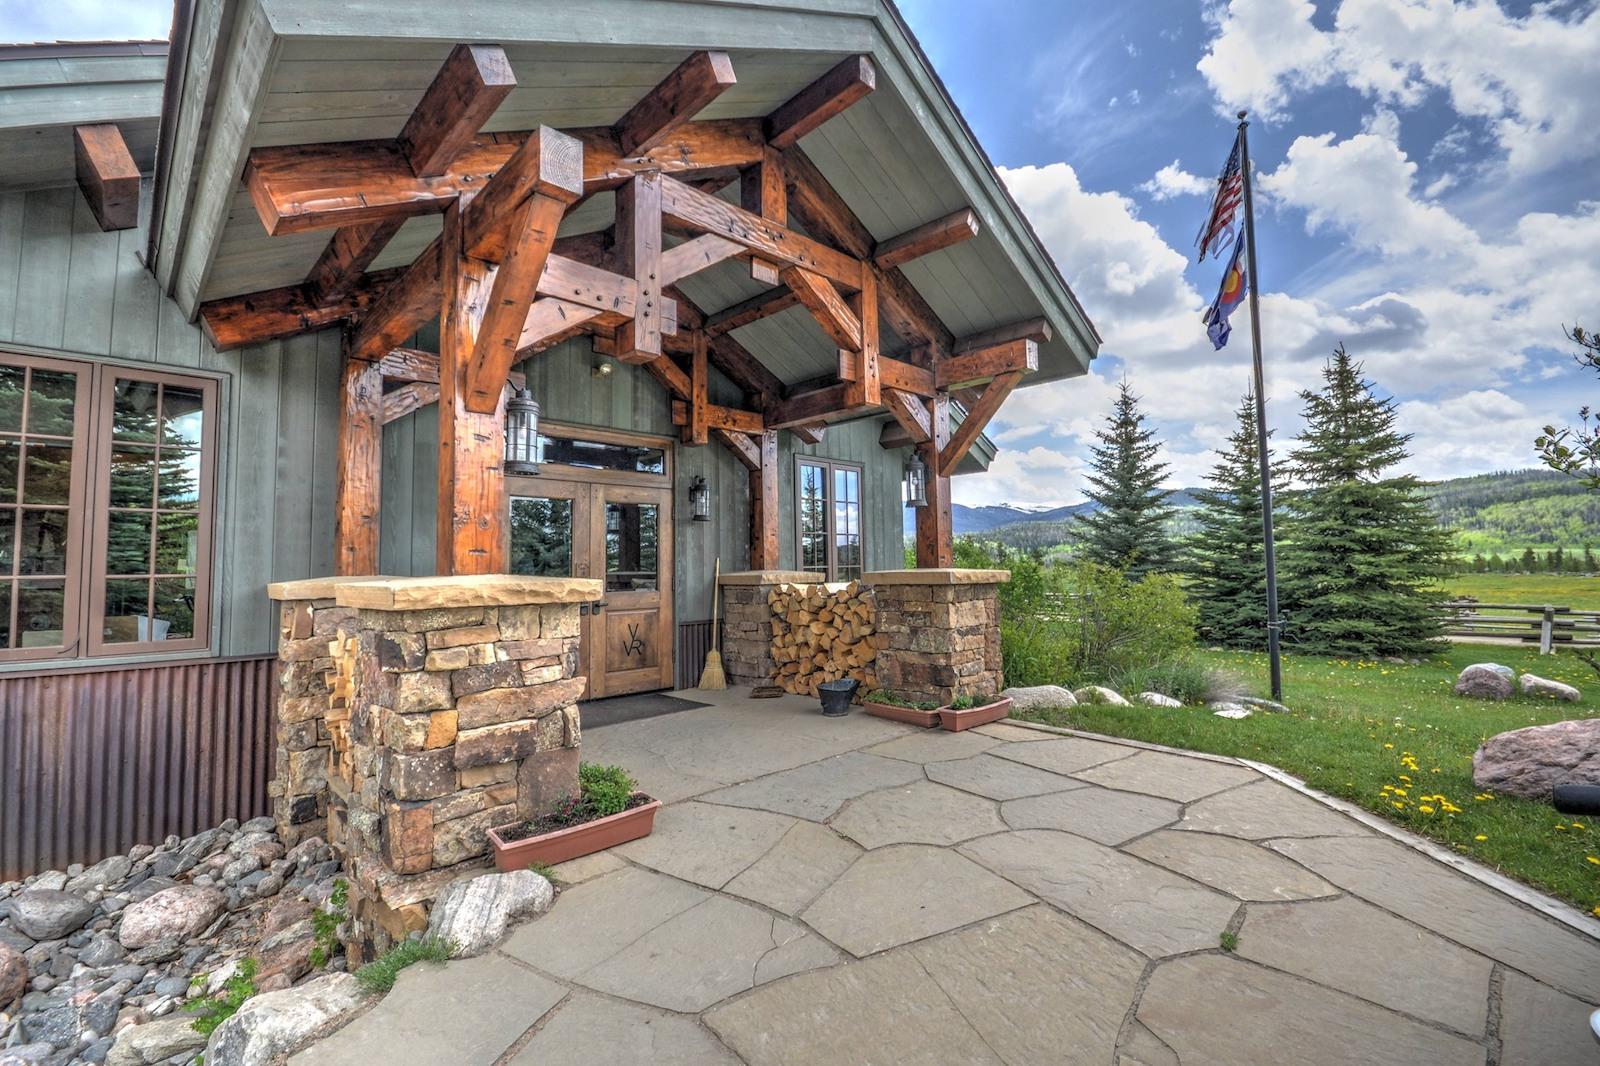 Image of a building at Vista Verde Ranch in Clark, Colorado